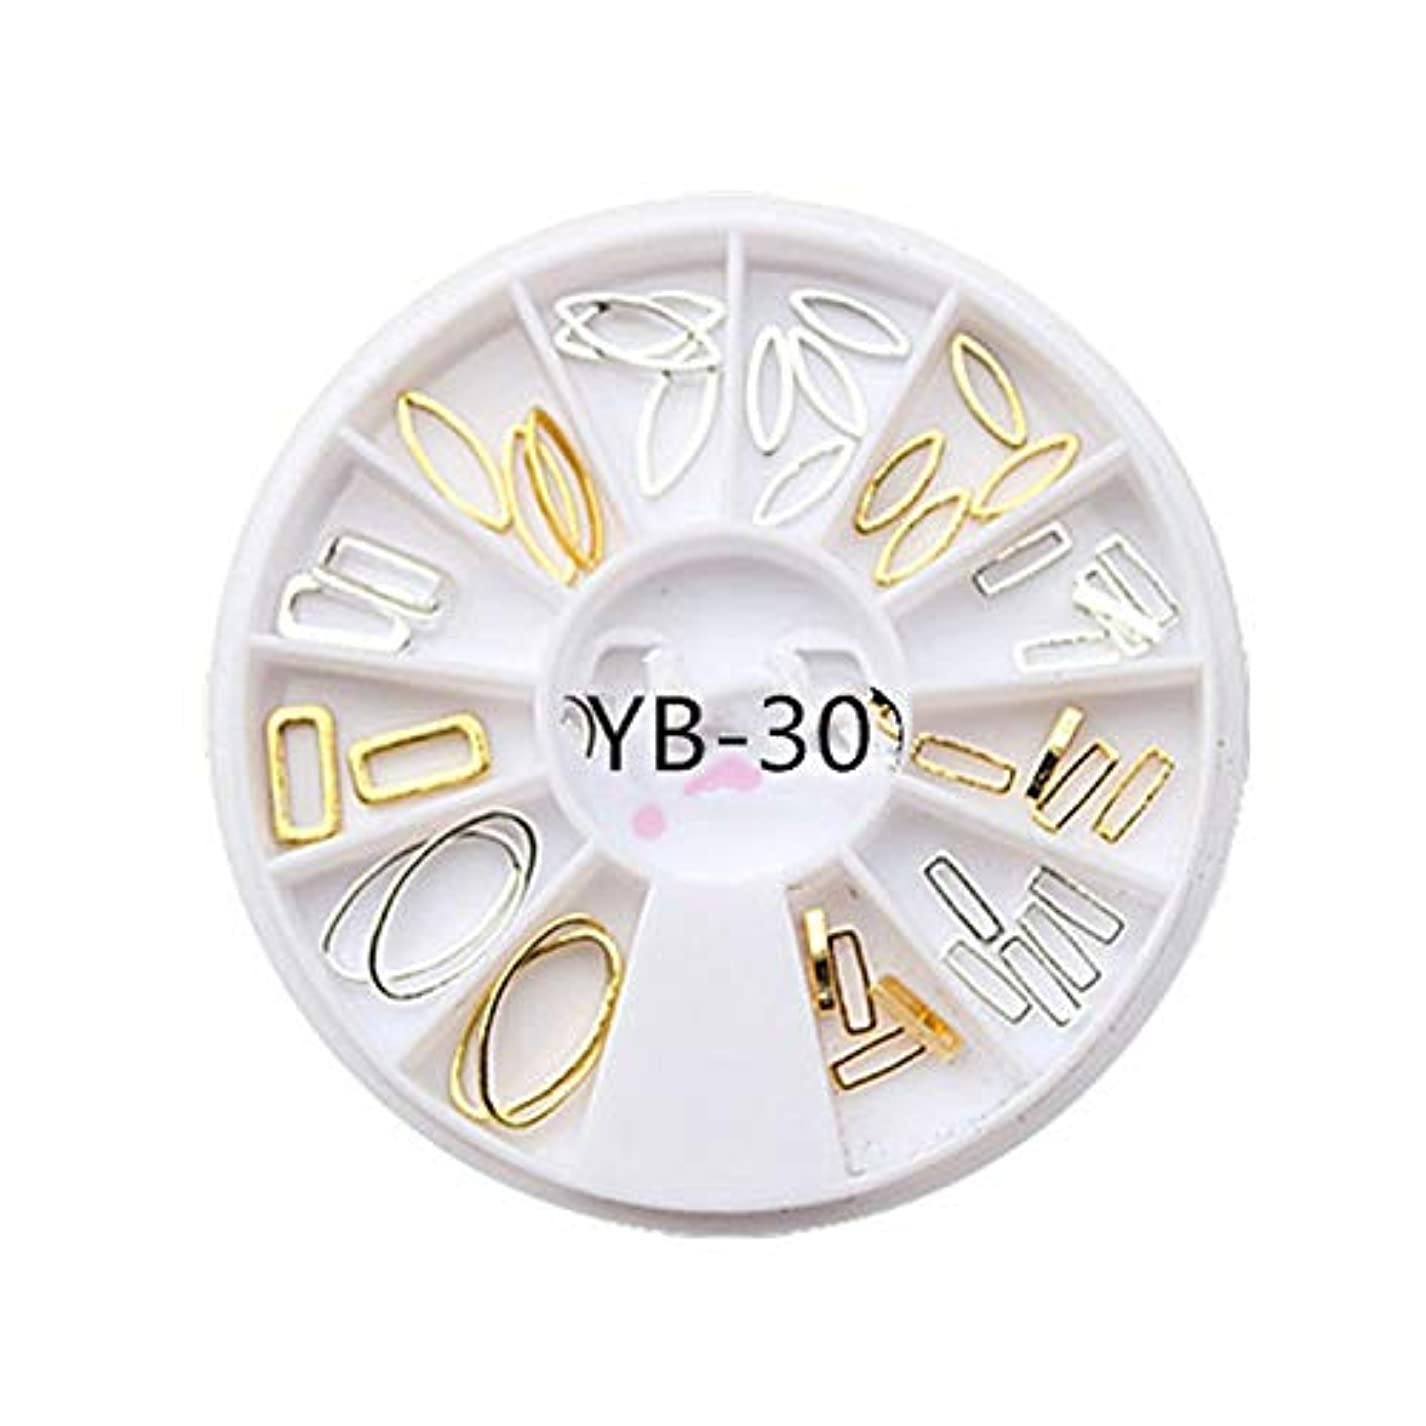 儀式世界に死んだ遺跡手足ビューティーケア 3ピースdiyマニキュアディスク飾りアーク金属リング不規則フレーム中空馬の目のリベット光線療法ネイルデコレーション (色 : YB-30)